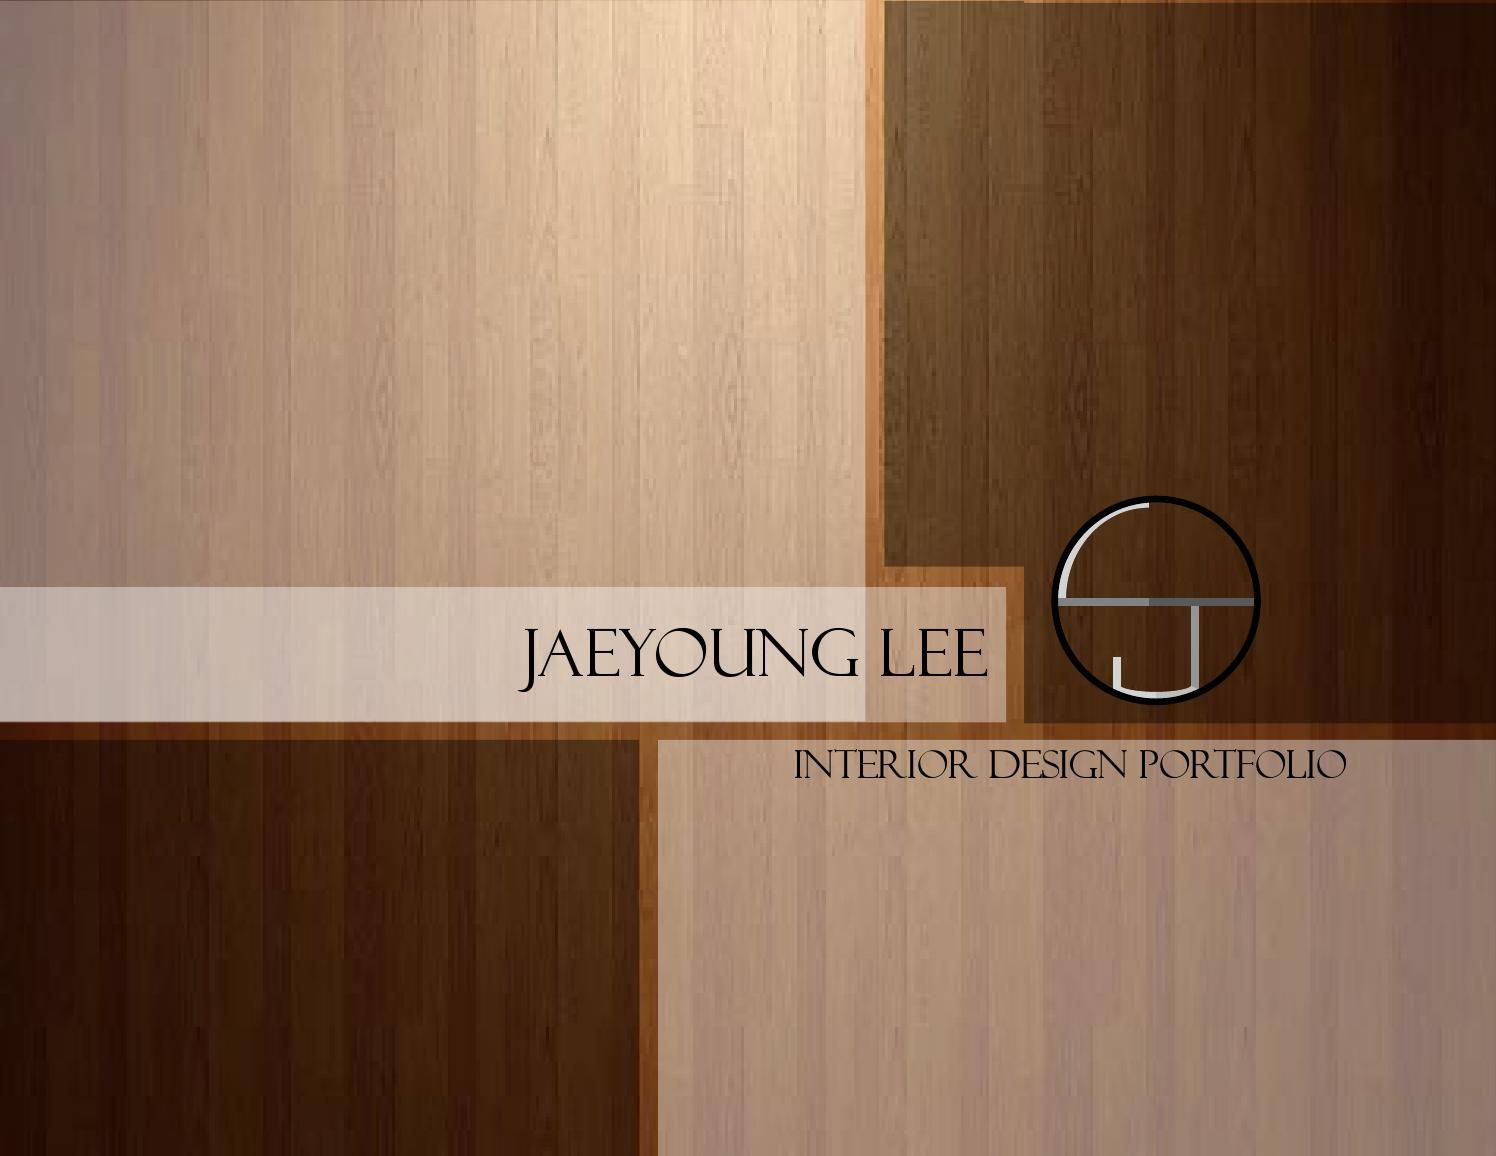 Jaeyoung Lee Interior Design Portfolio Interior Design